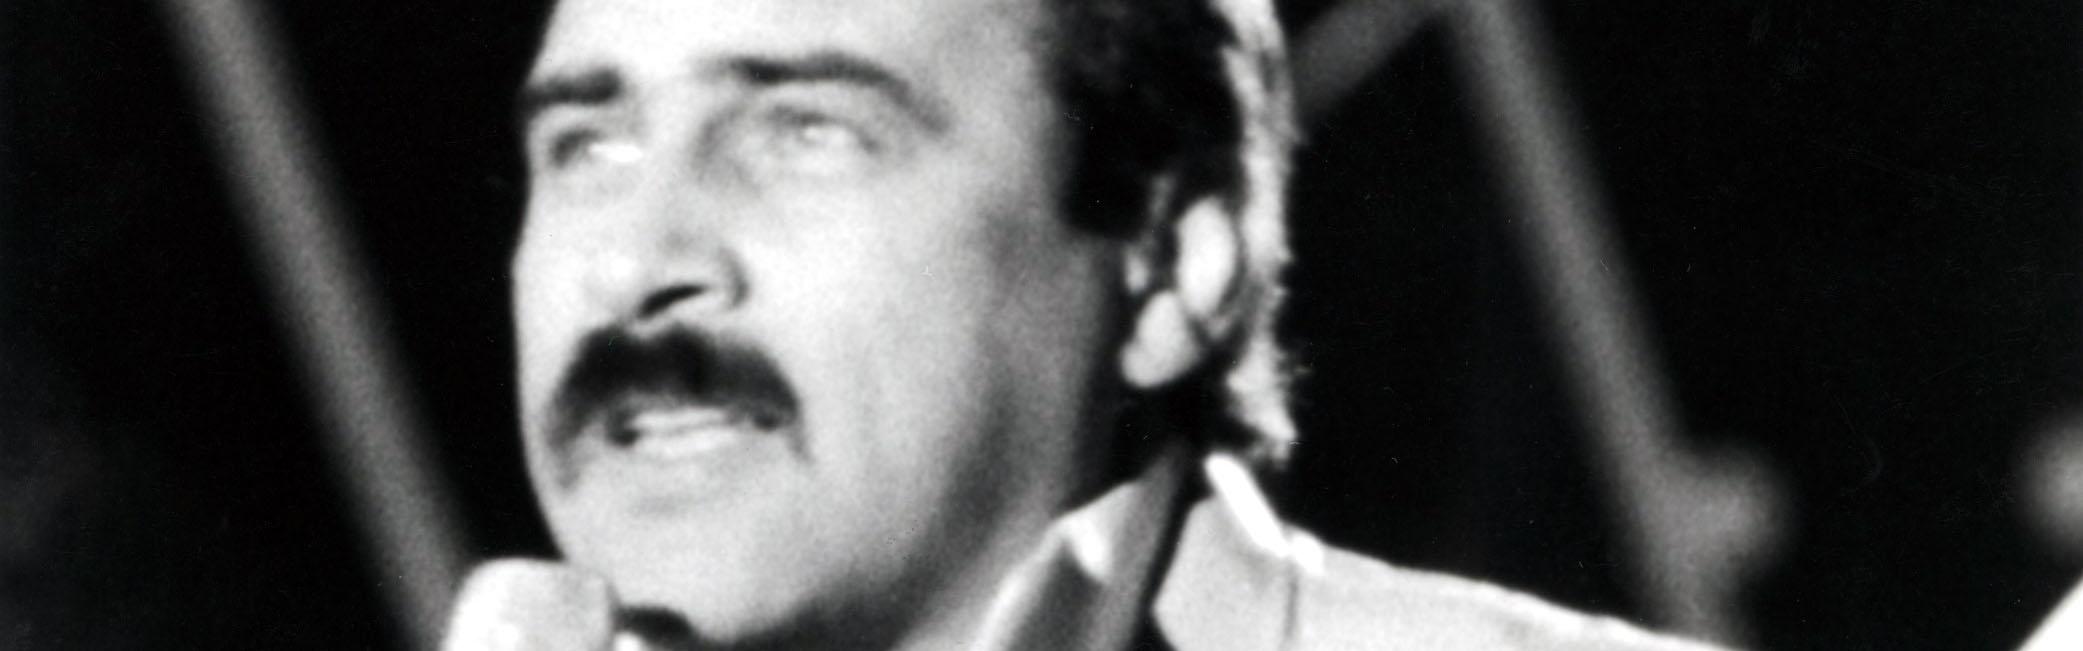 """Fot. Marek Karewicz / East News XXIII Krajowy Festiwal Piosenki Polskiej w Opolu, 1986. N/Z: Andrzej Zaucha wykonuje piosenke """"Daj"""""""